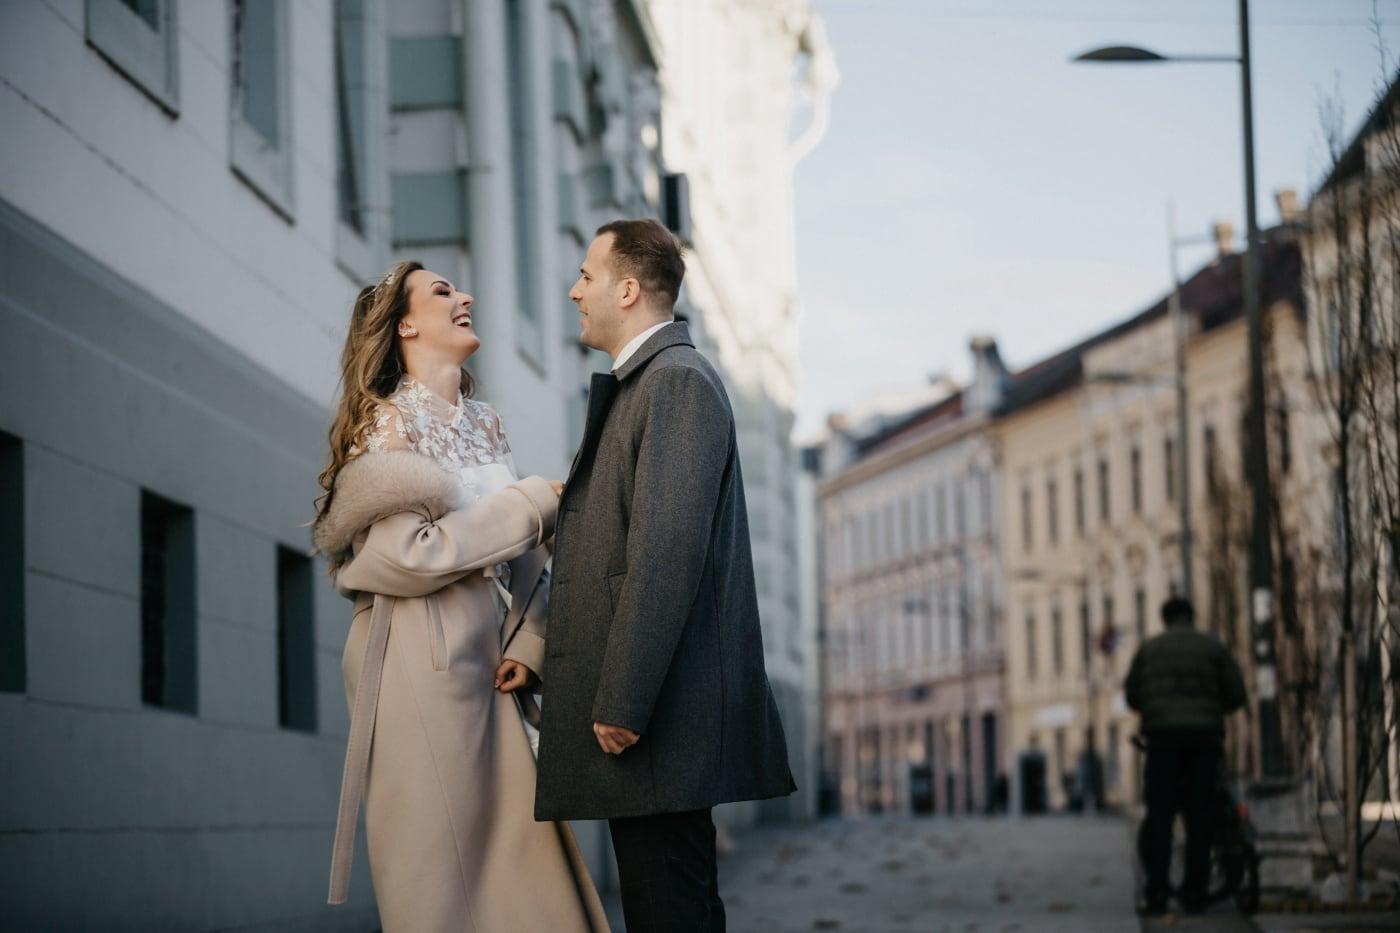 побачення кохання, романтичний, вулиця, міському районі, Денне світло, посмішка, зустріч, людина, люди, весілля